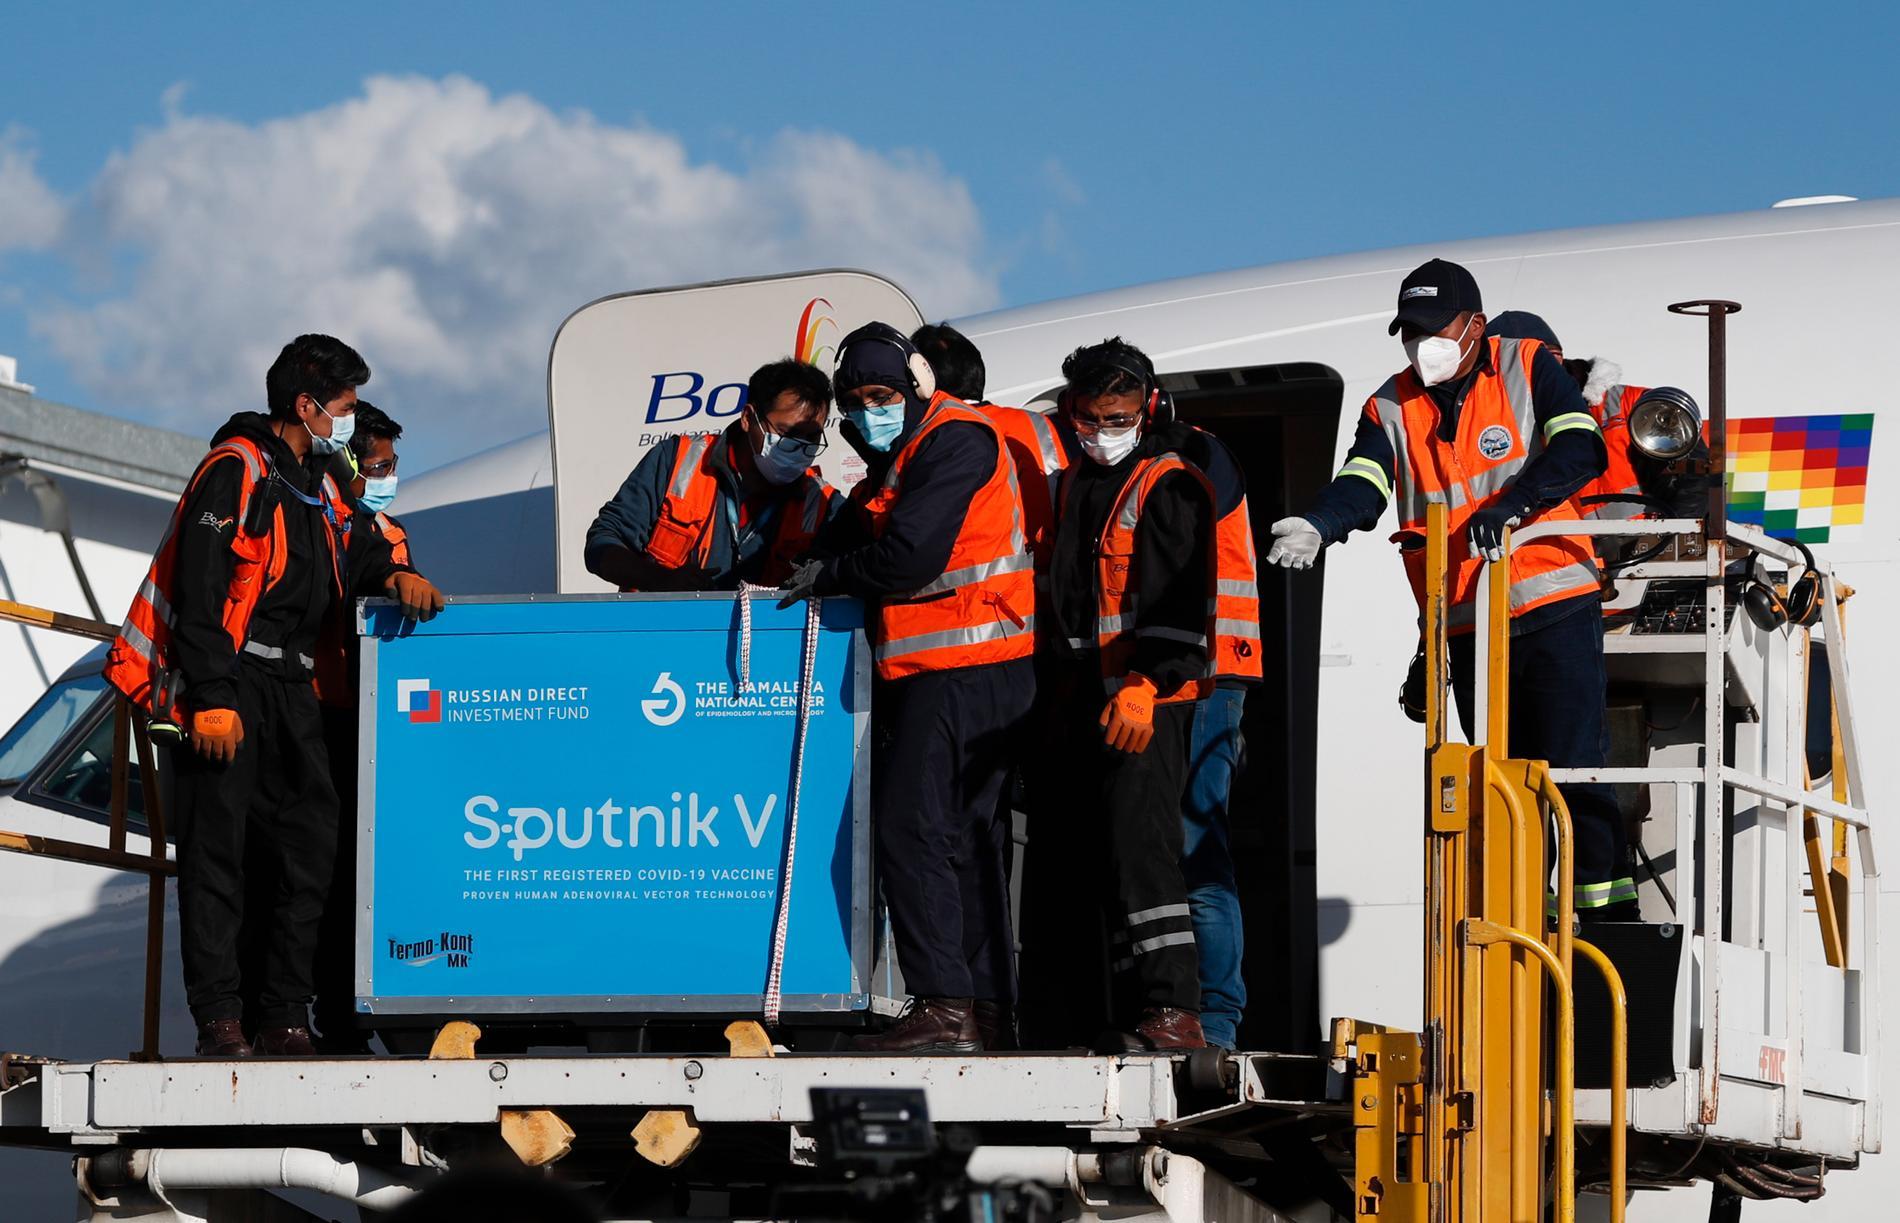 Flygplatspersonal i Bolivia tar emot landets första leverans av det ryska vaccinet Sputnik V.